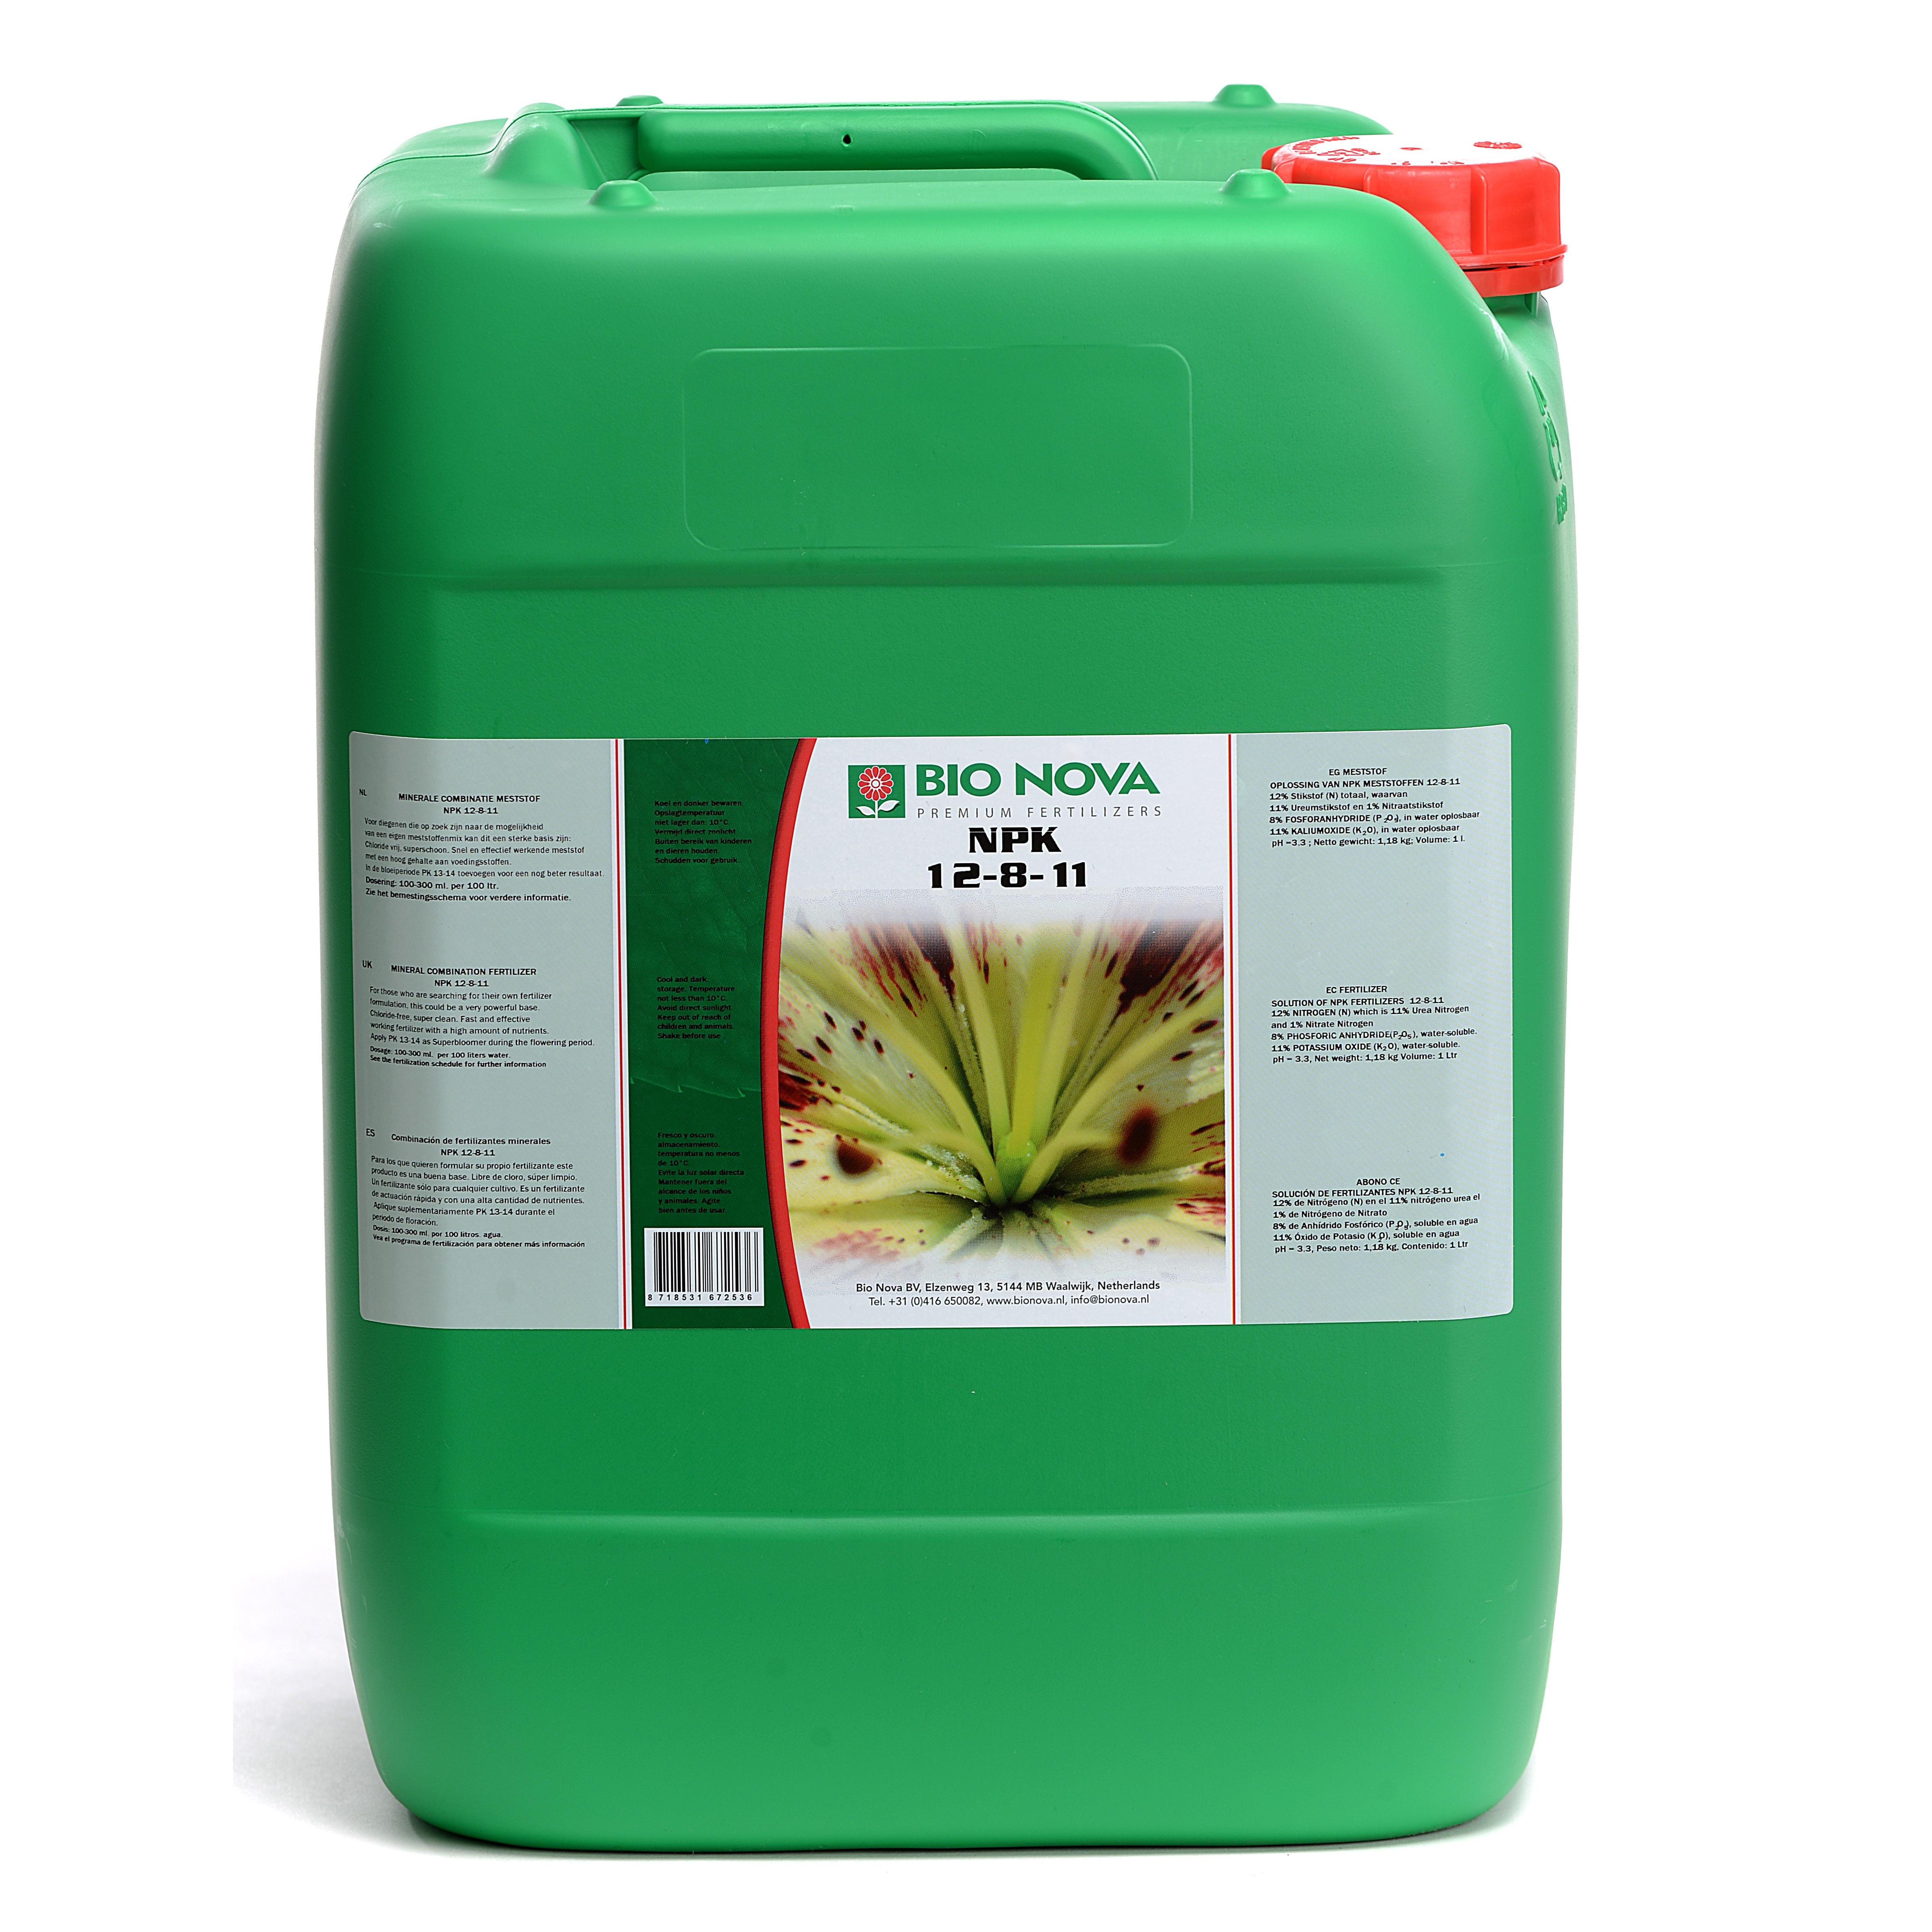 Bio Nova BN NPK 12-8-11 20 Liter